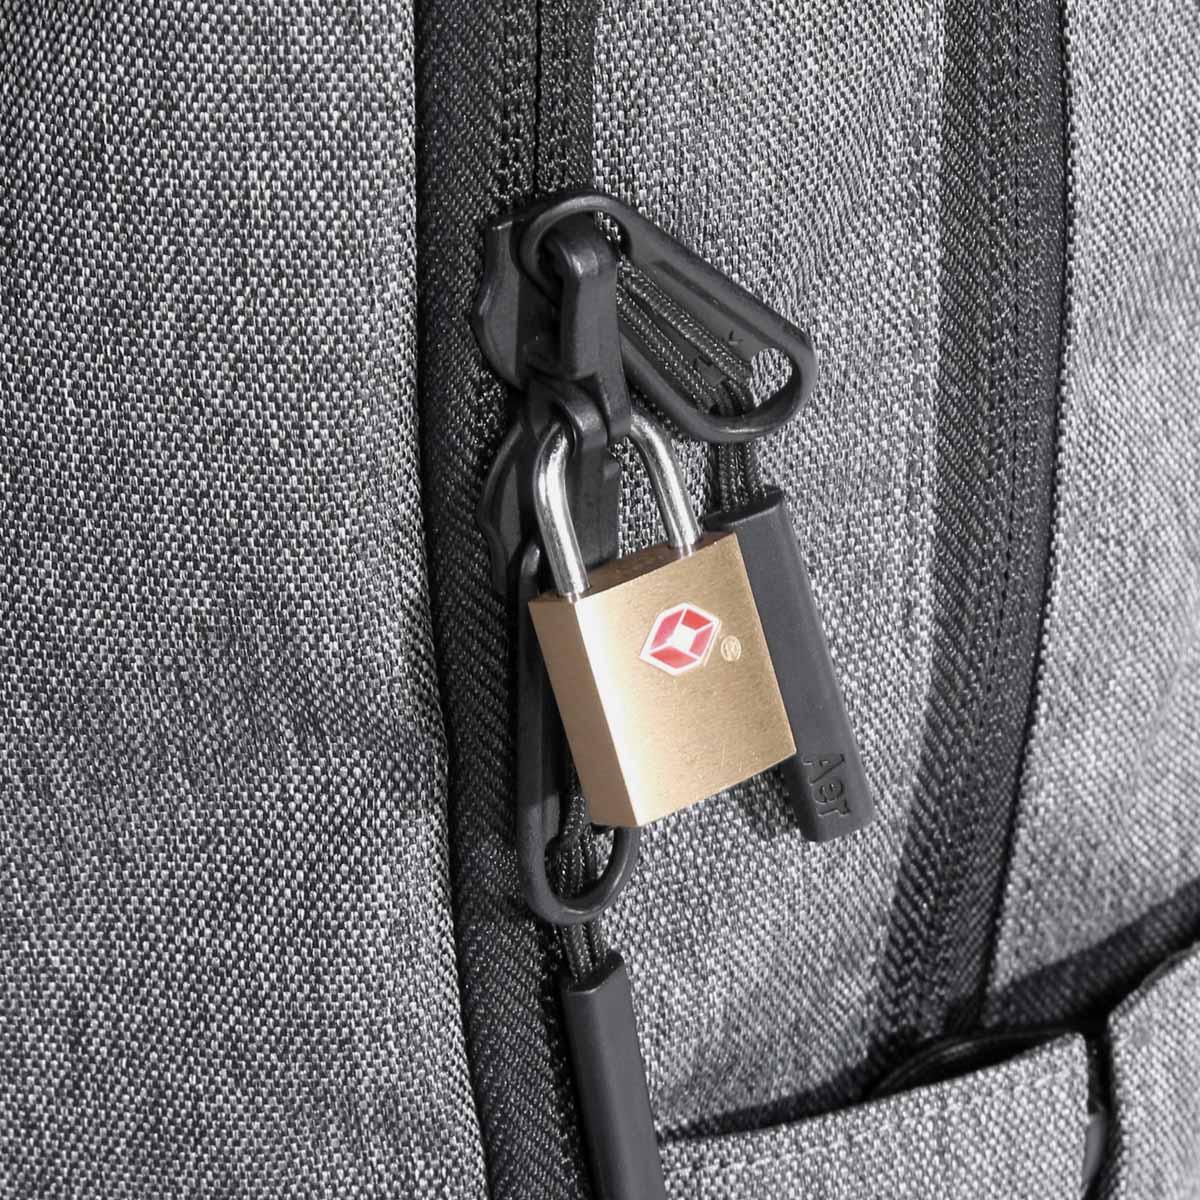 22010_fp2_gray_lock.JPG